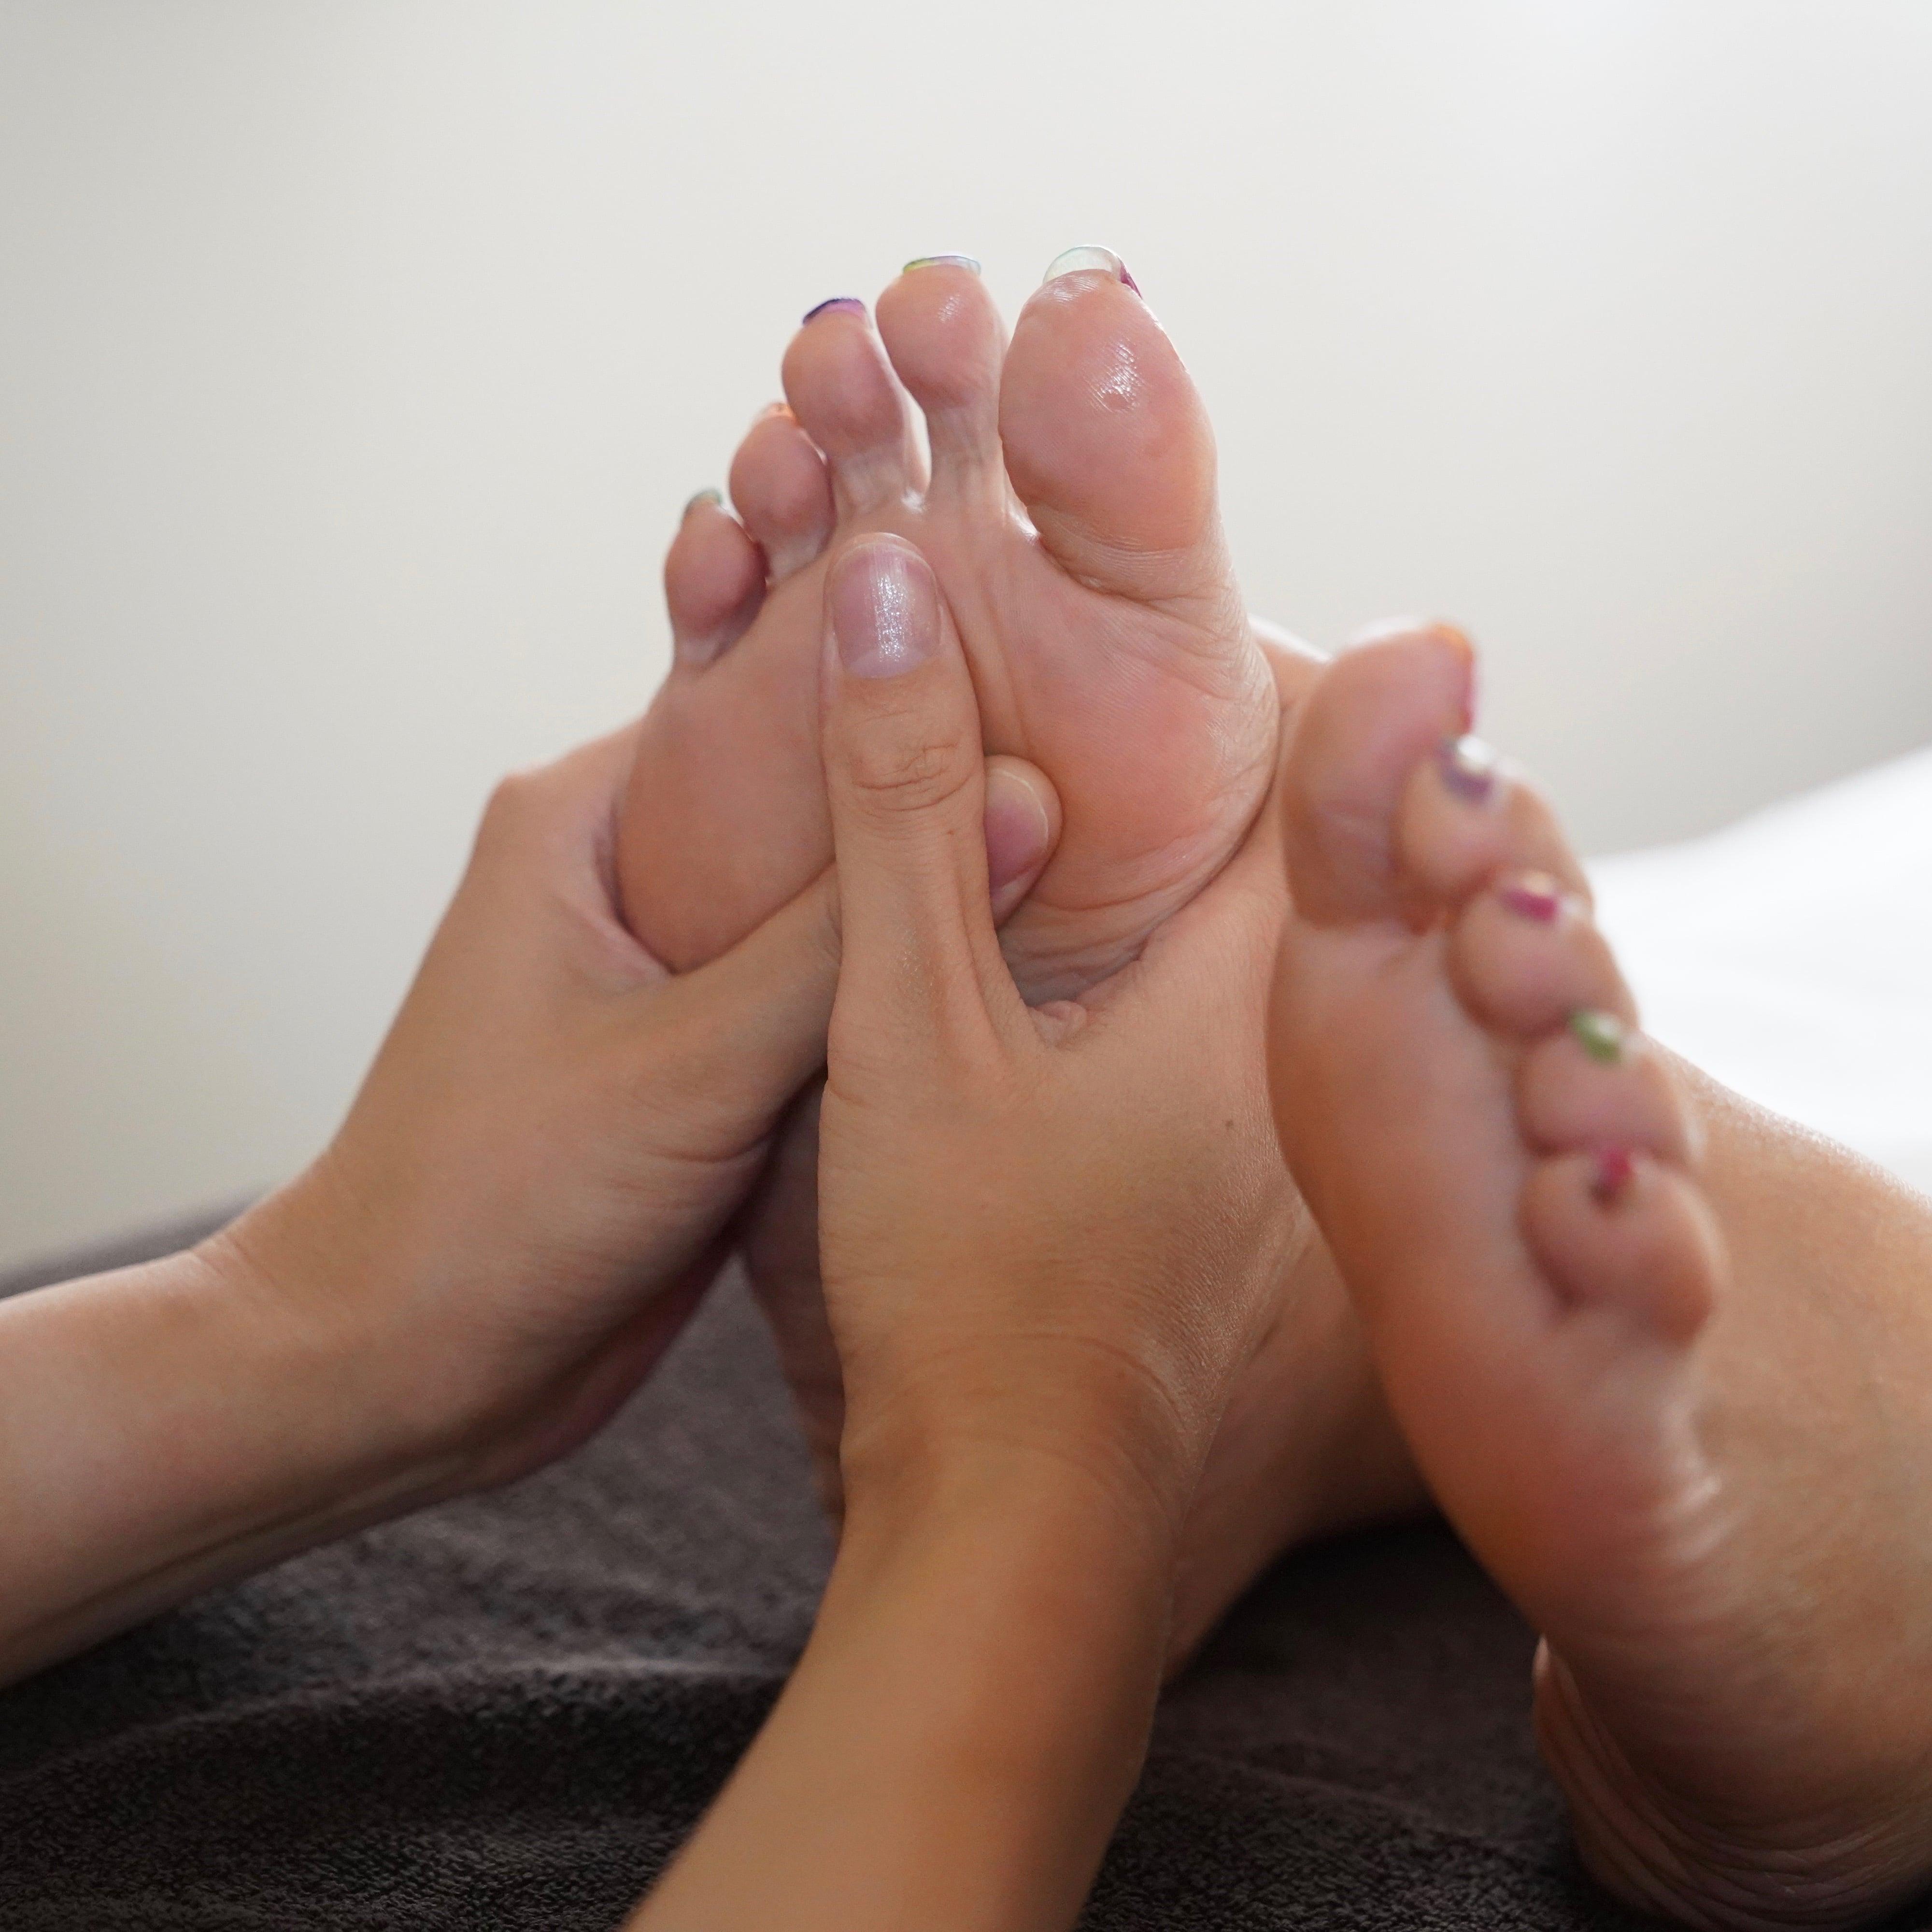 足つぼ 足裏マッサージ 足ポカすっきり のイメージその1